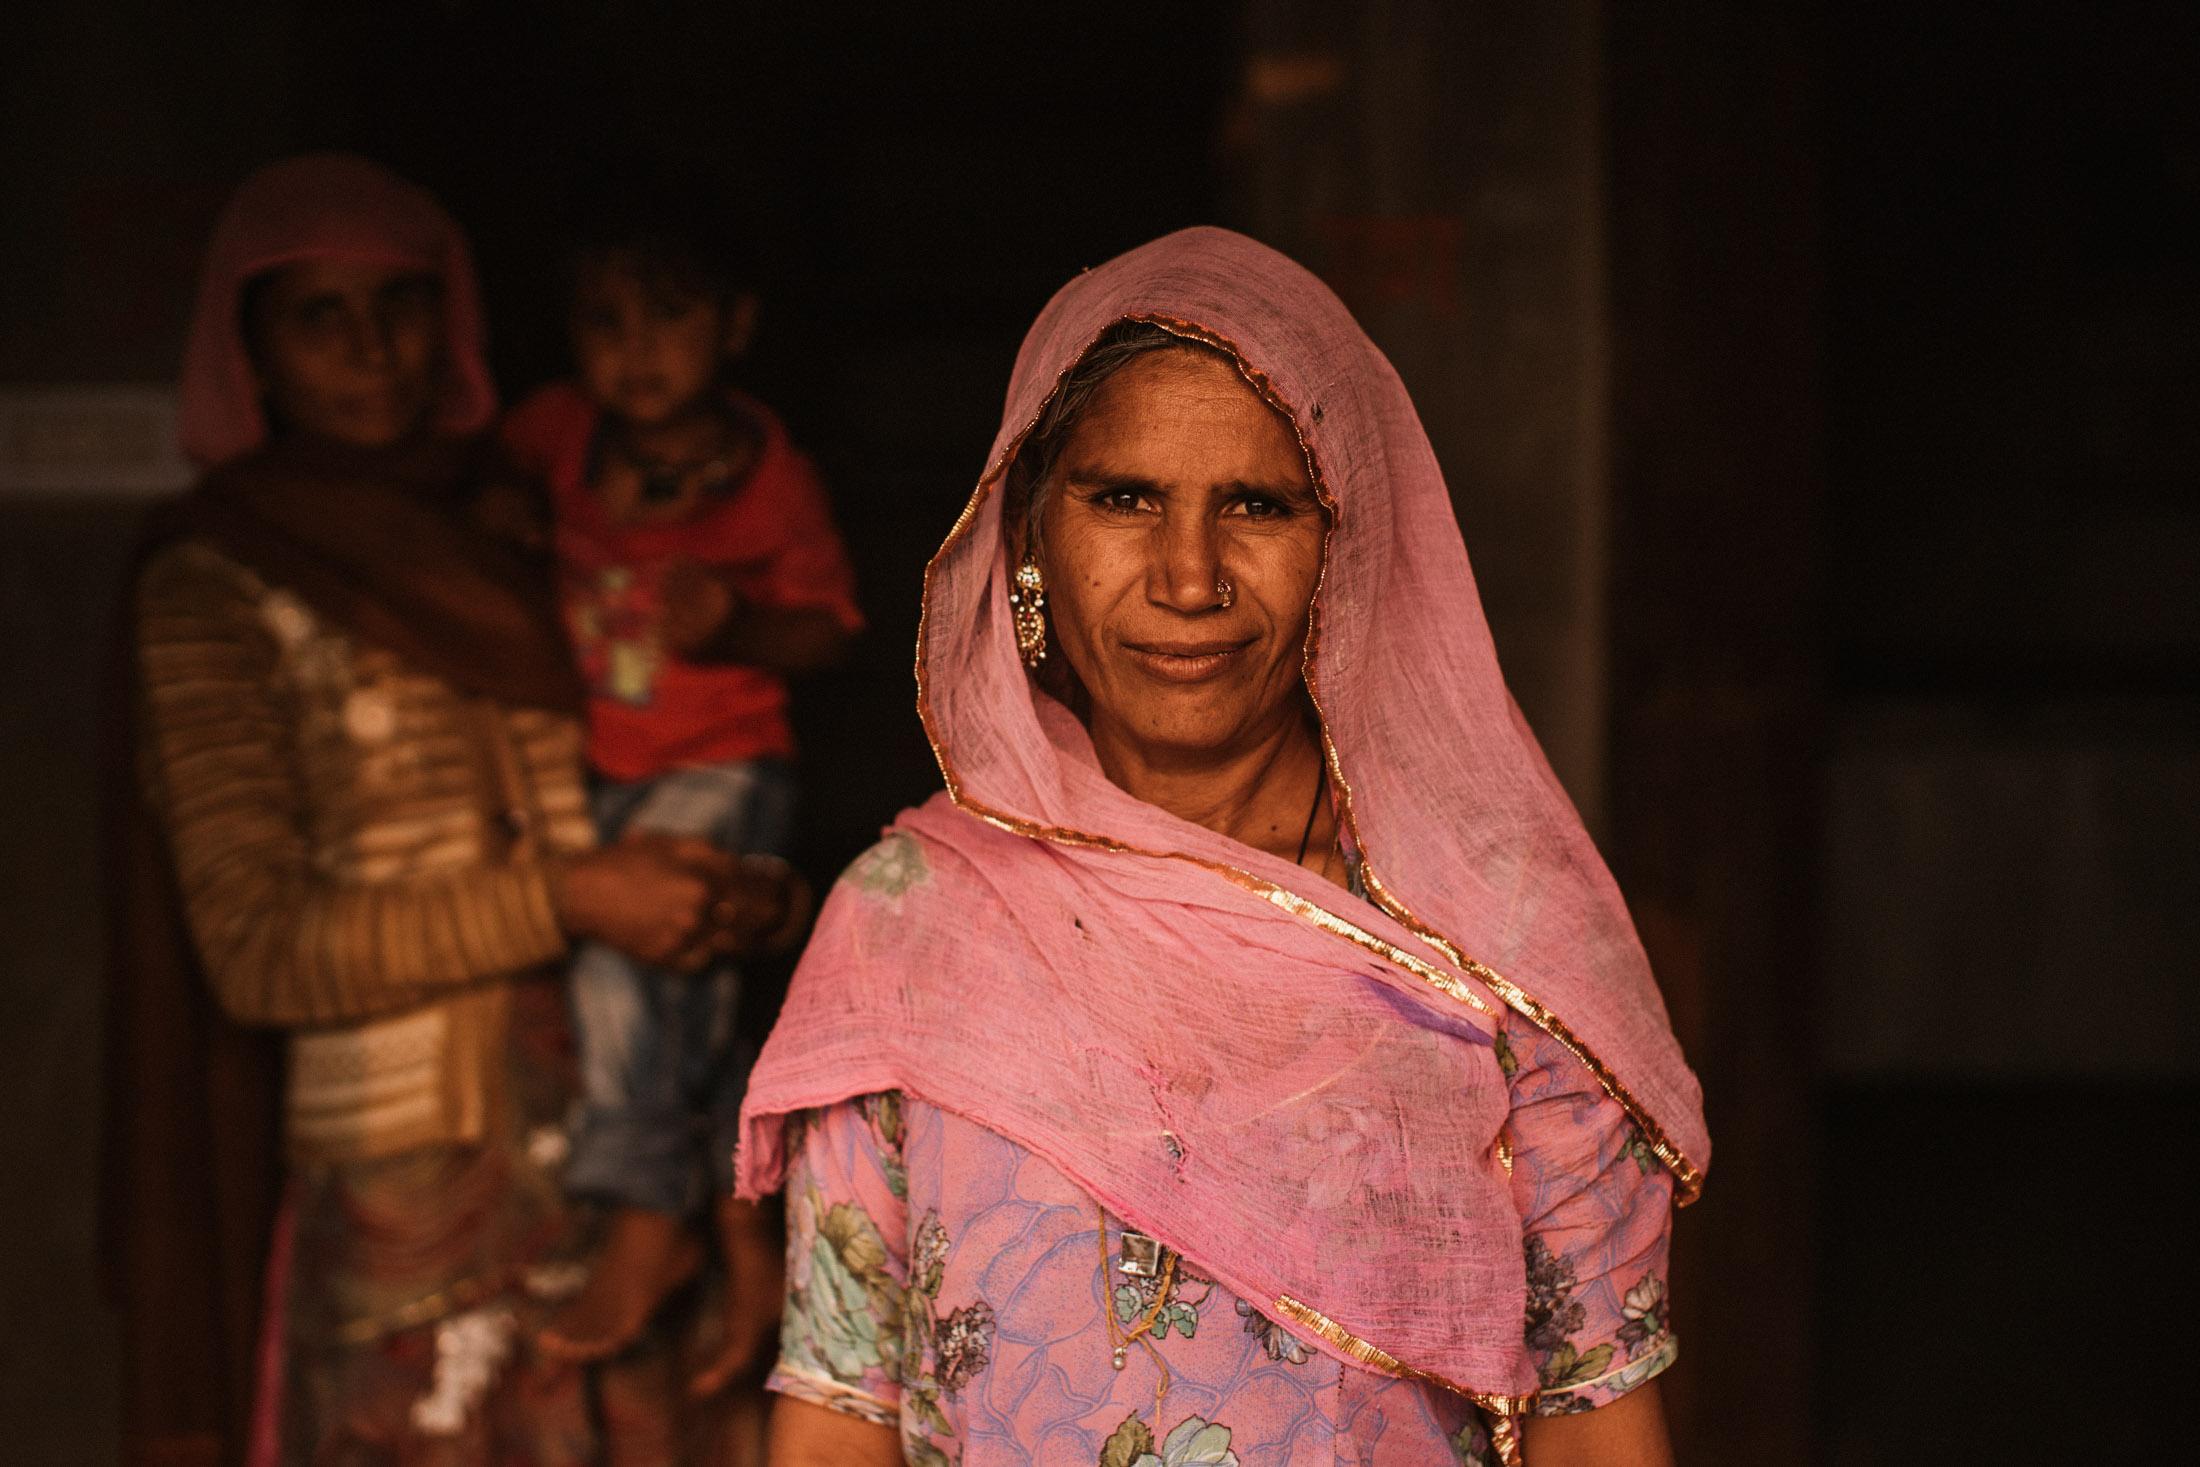 Pushkar Nov 2017-Dean Raphael Photography-35.jpg